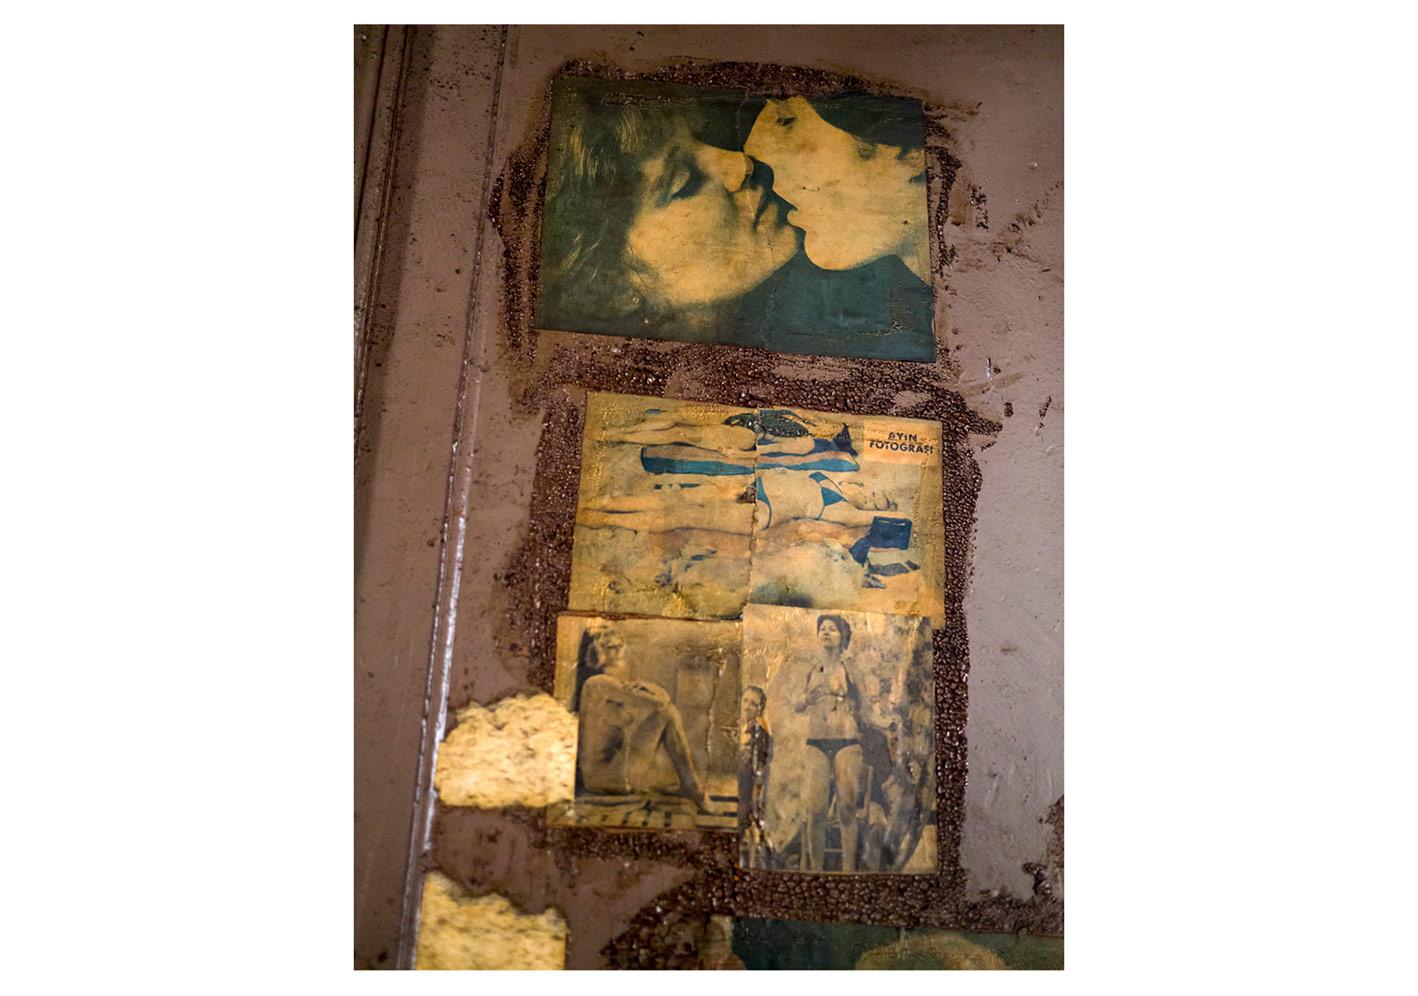 Ortaköy Erkek Yurdu Magazin Poster Kalıntıları#5